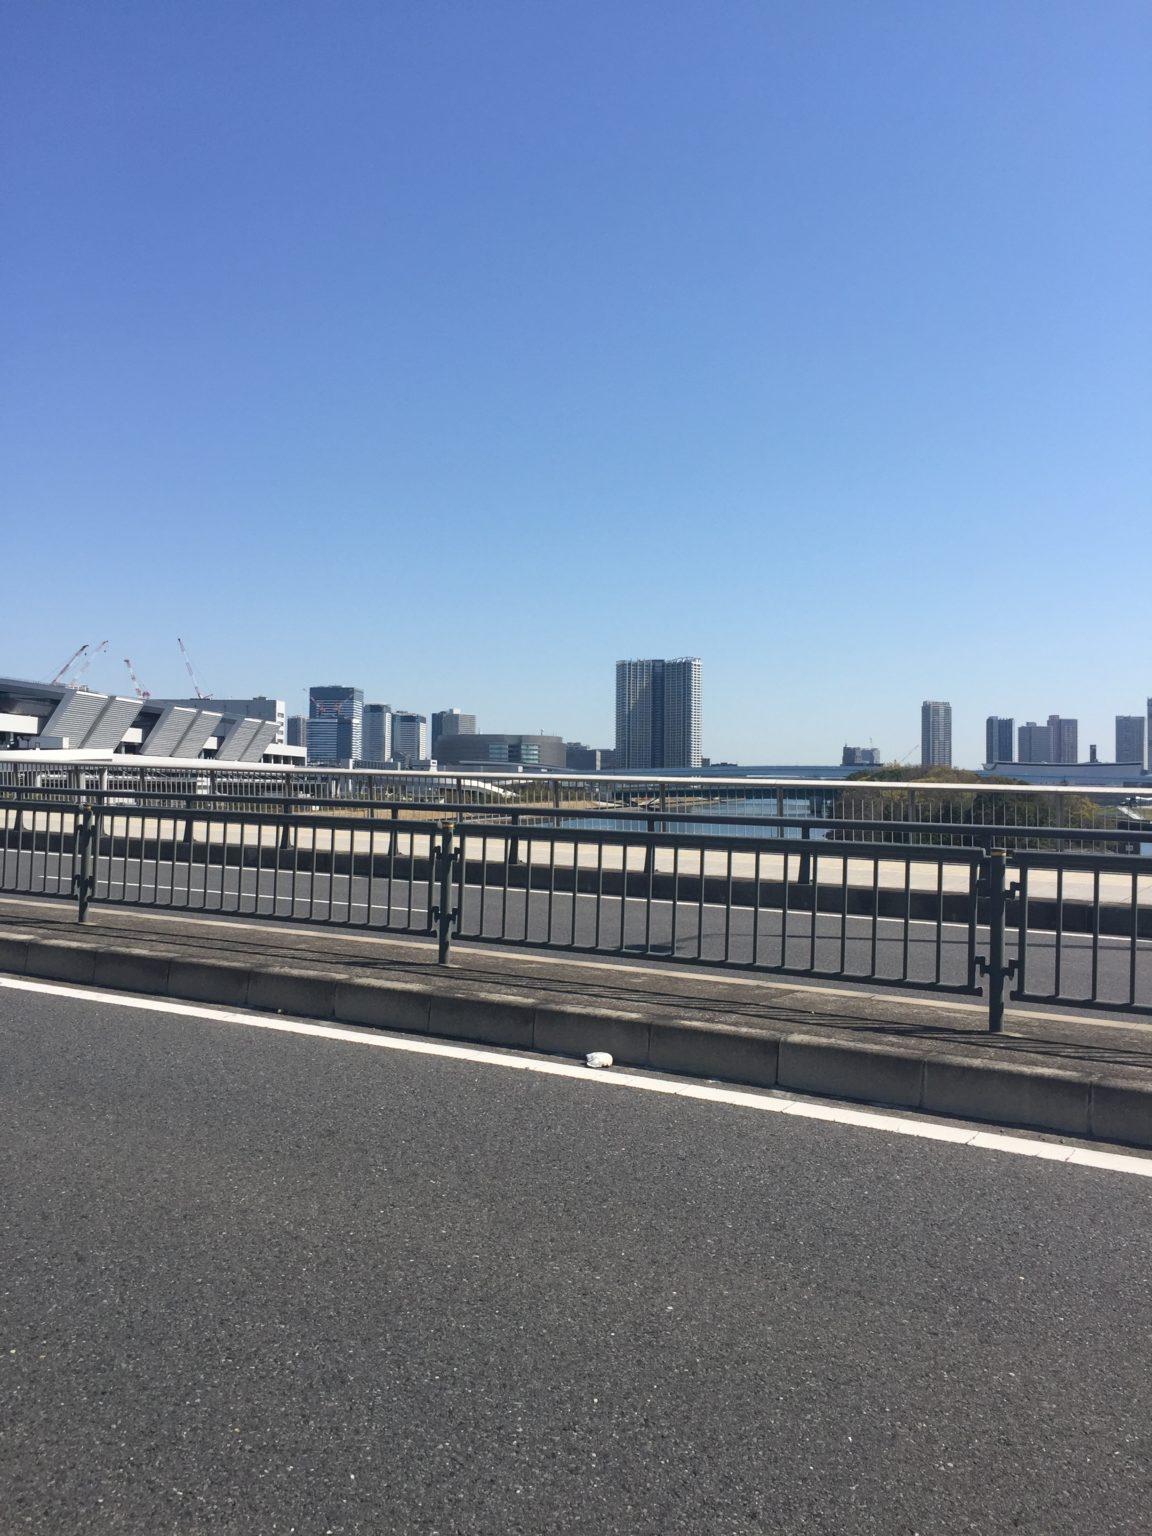 昼の定期軽貨物配送 【軽貨物運送の検証ブログ】